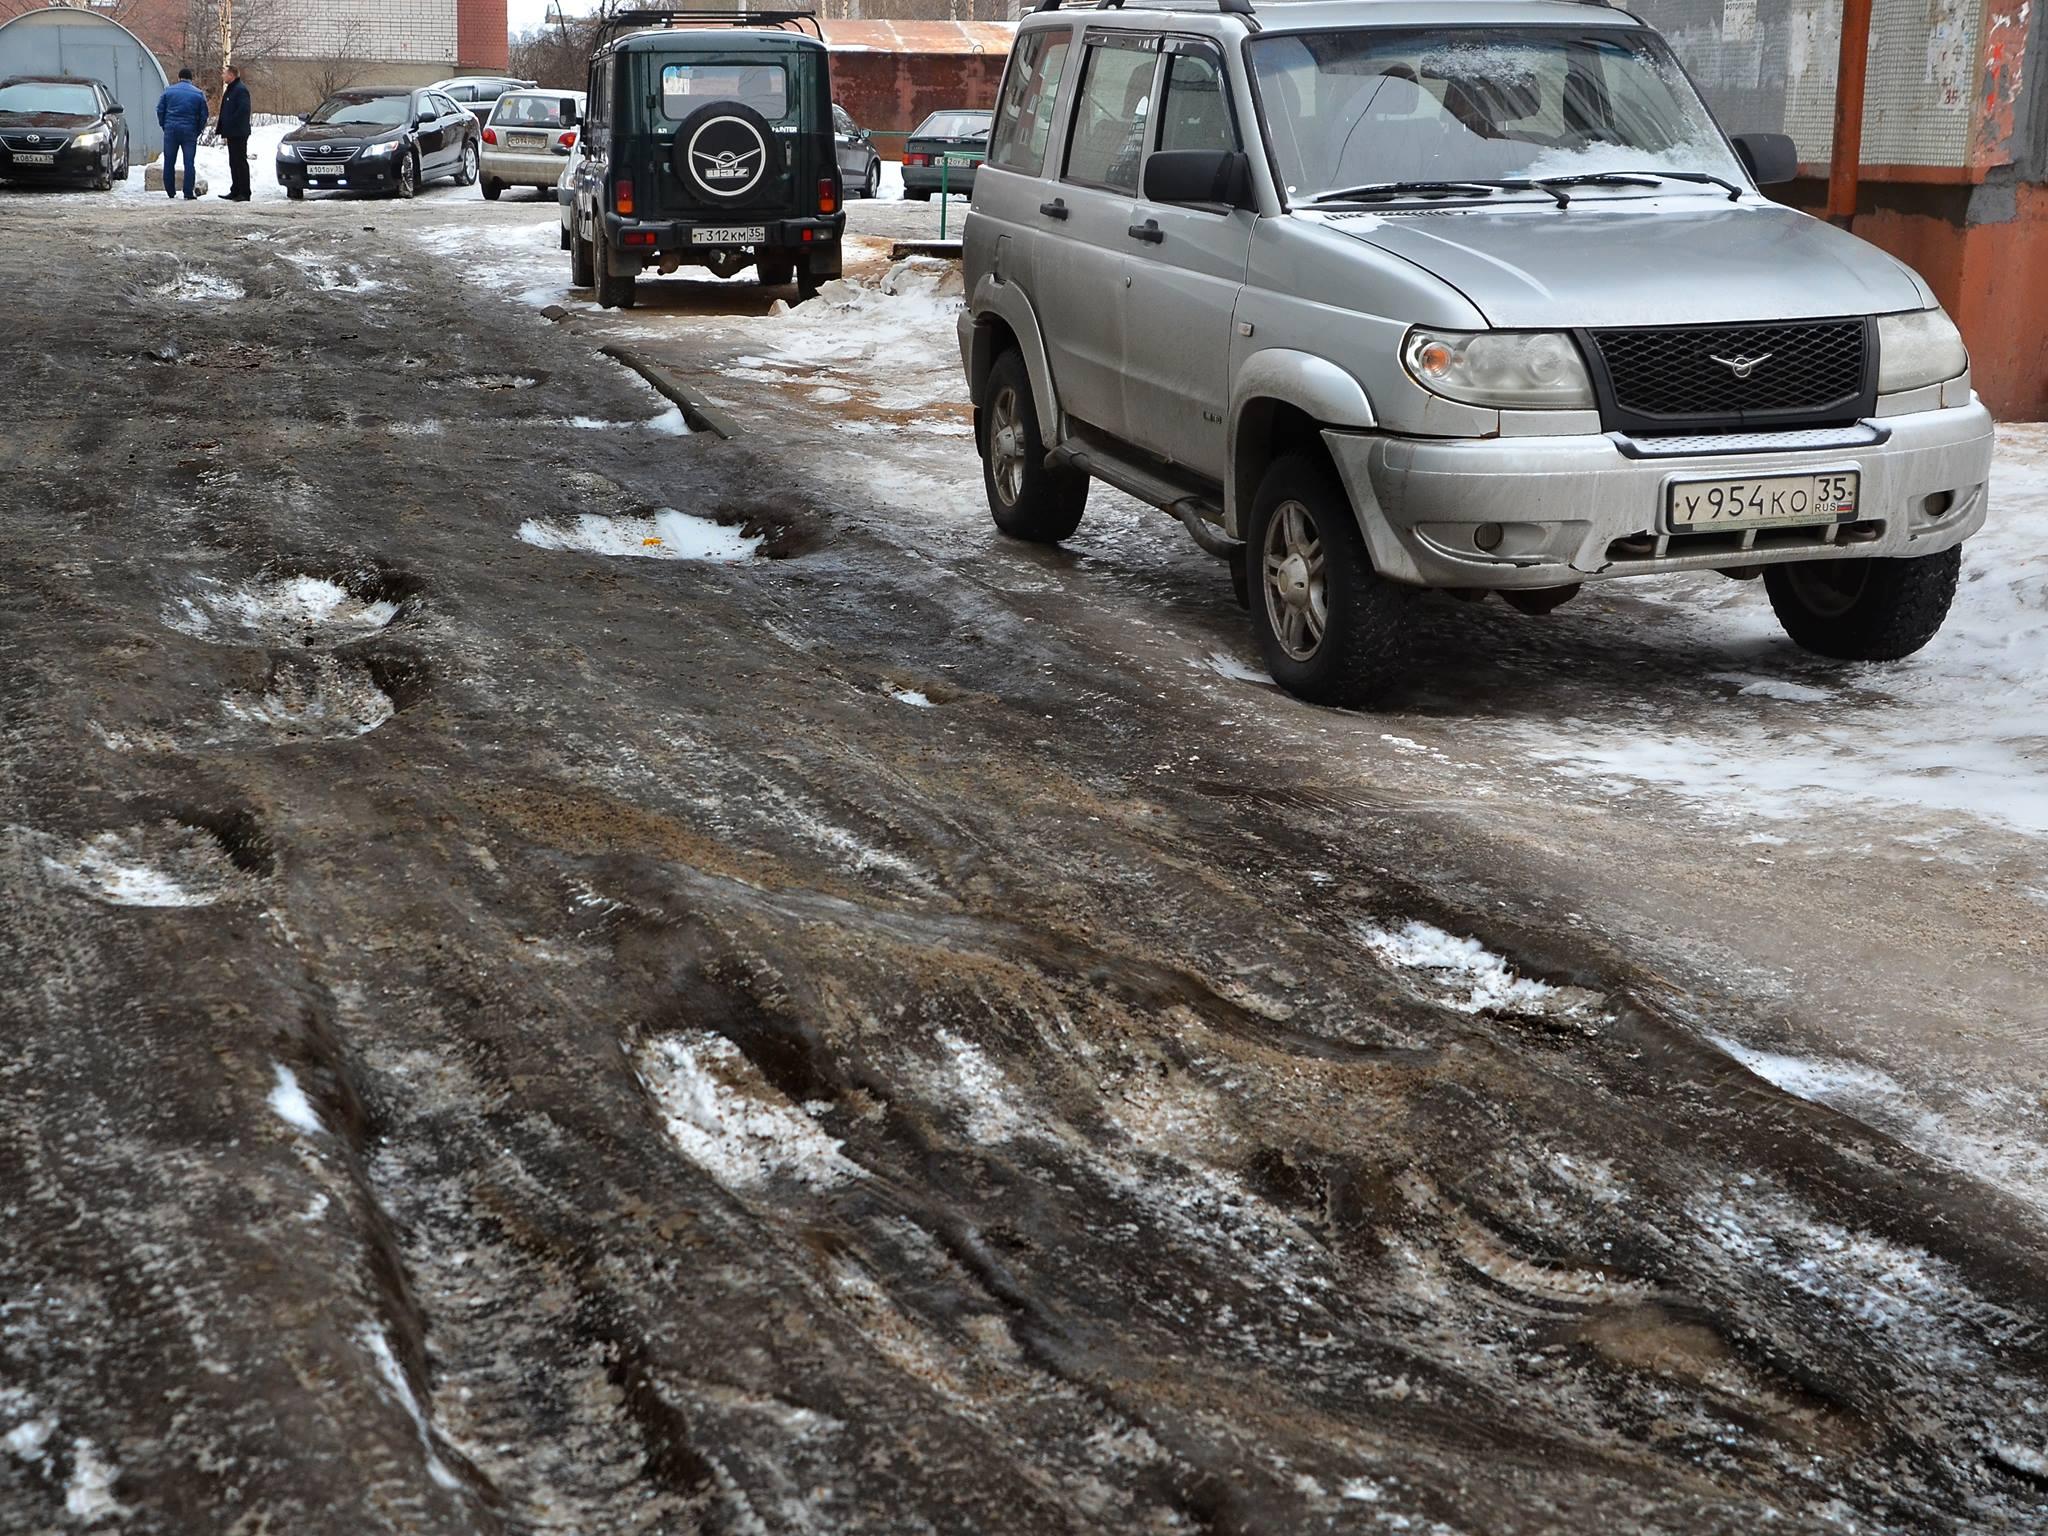 Служебная машина главы Вологды застряла во дворе многоквартирного дома